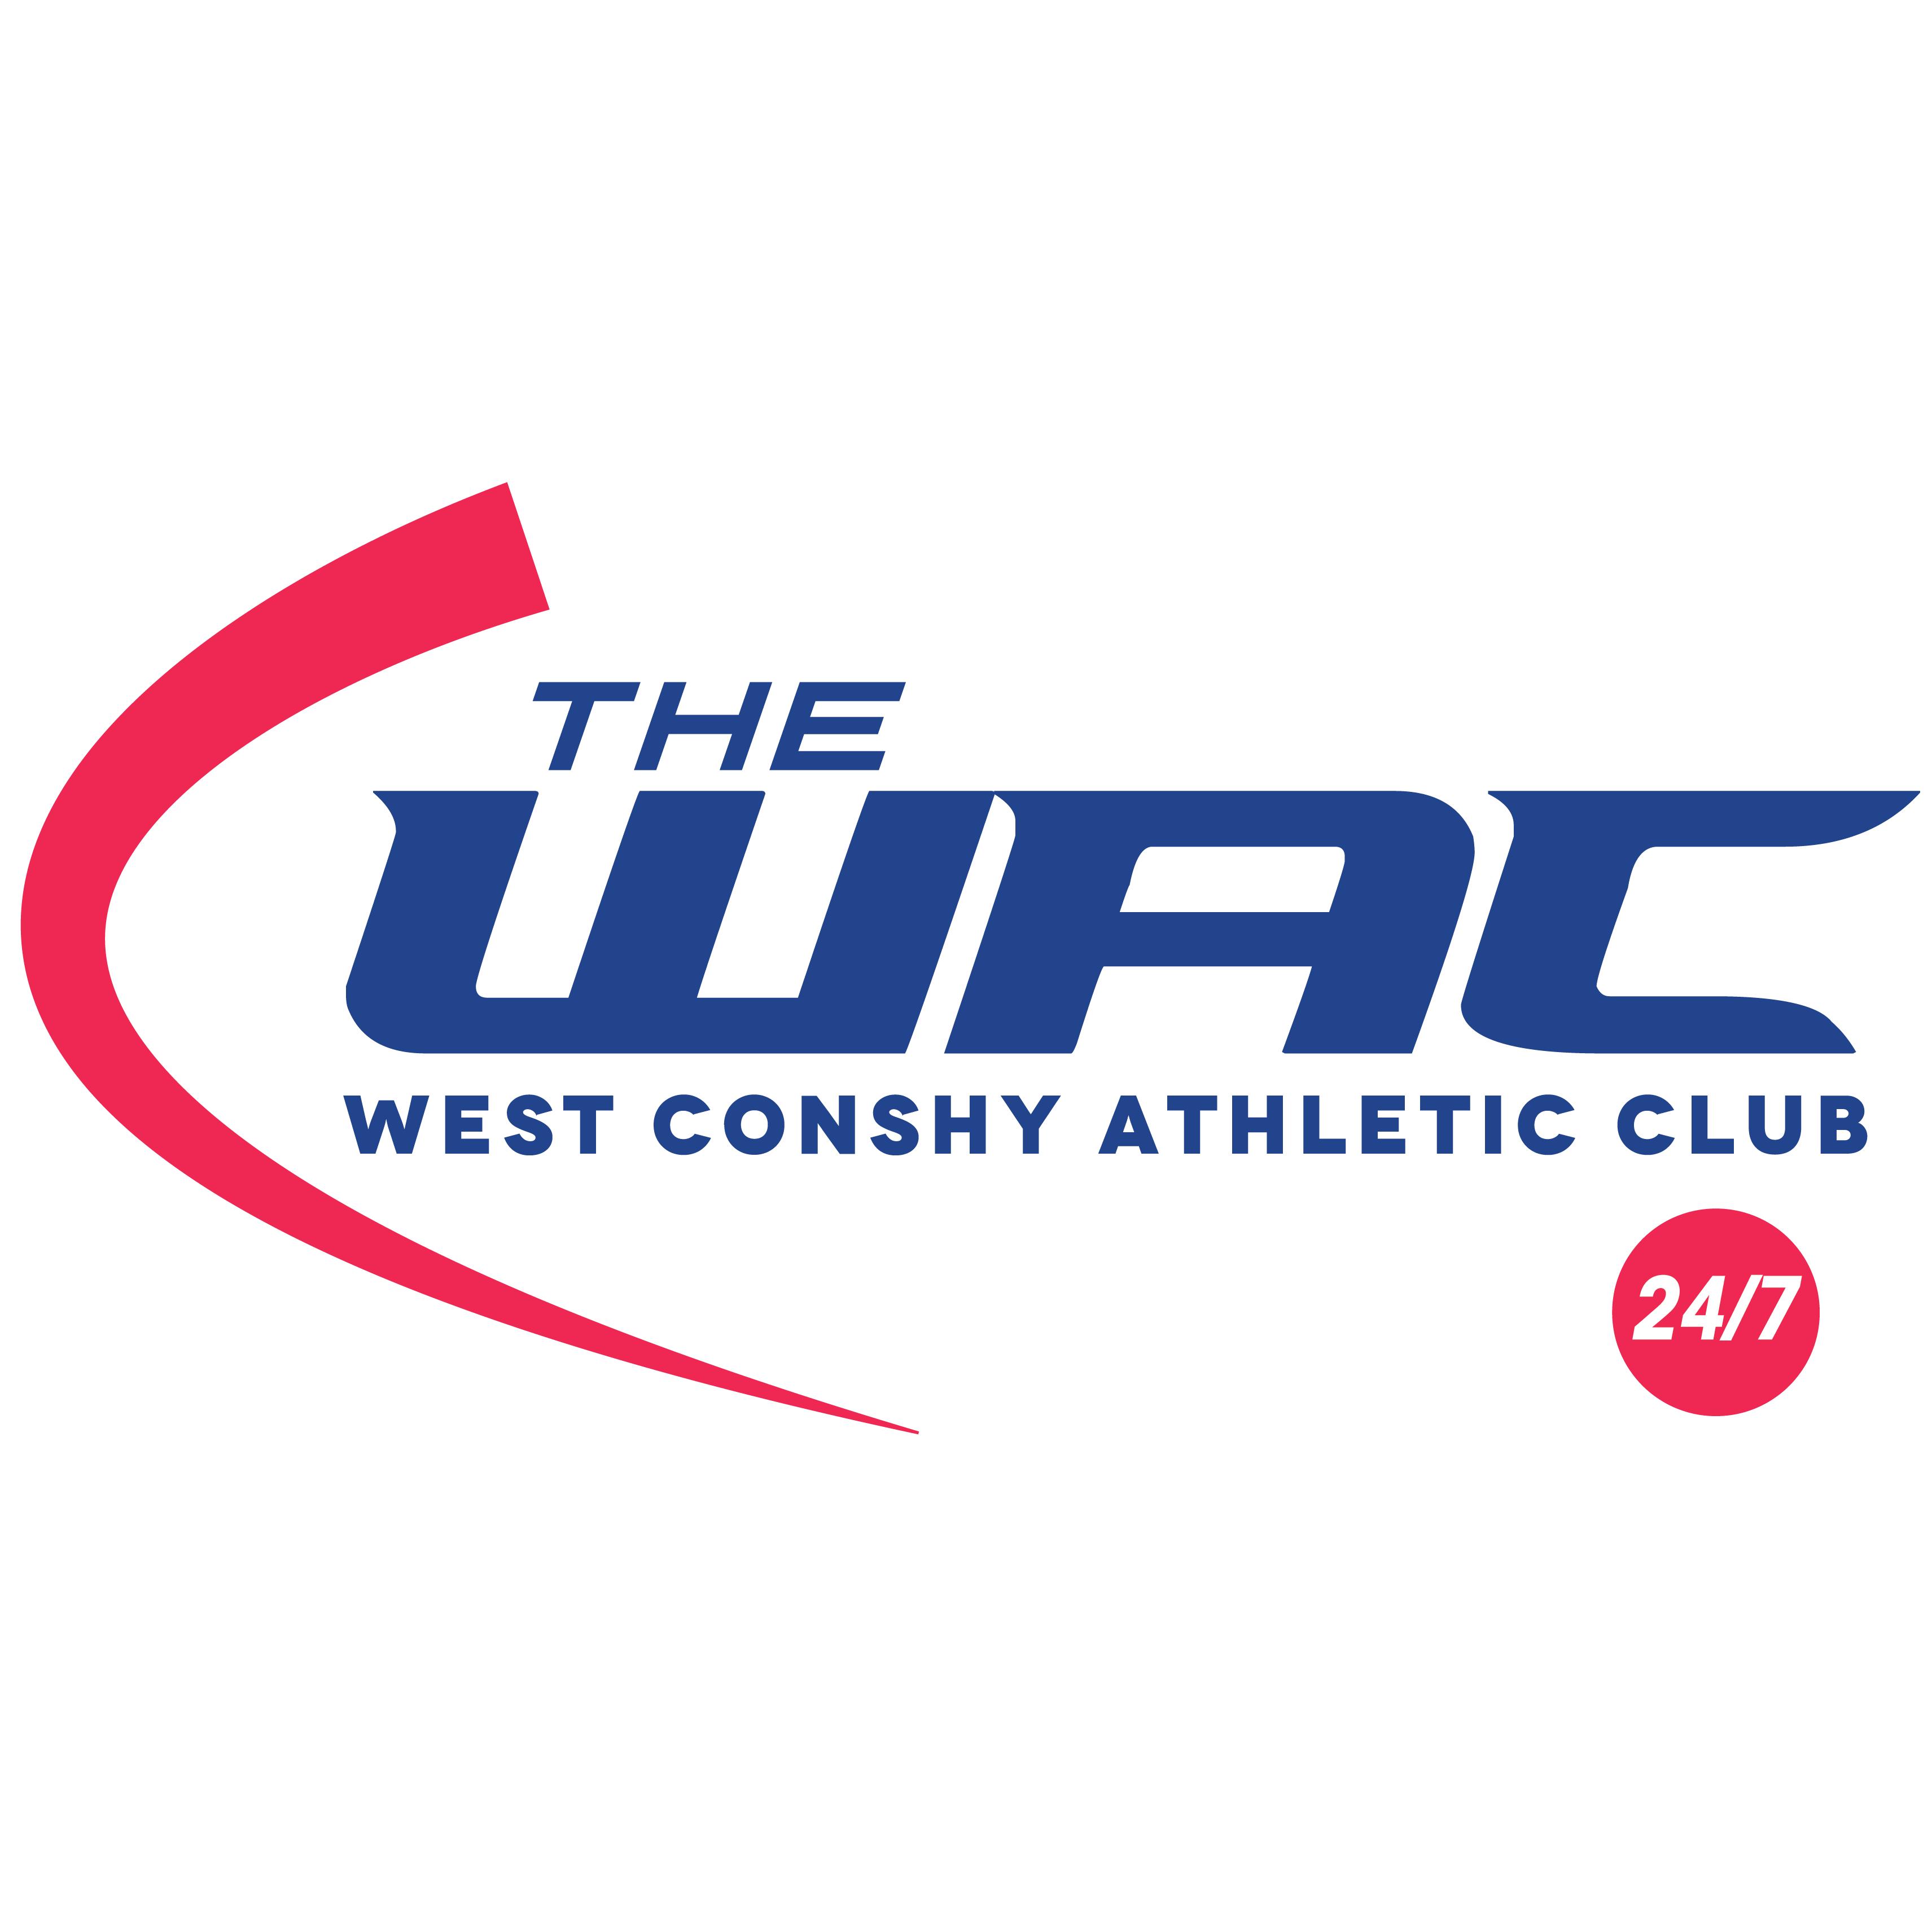 West Conshy Athletic Club